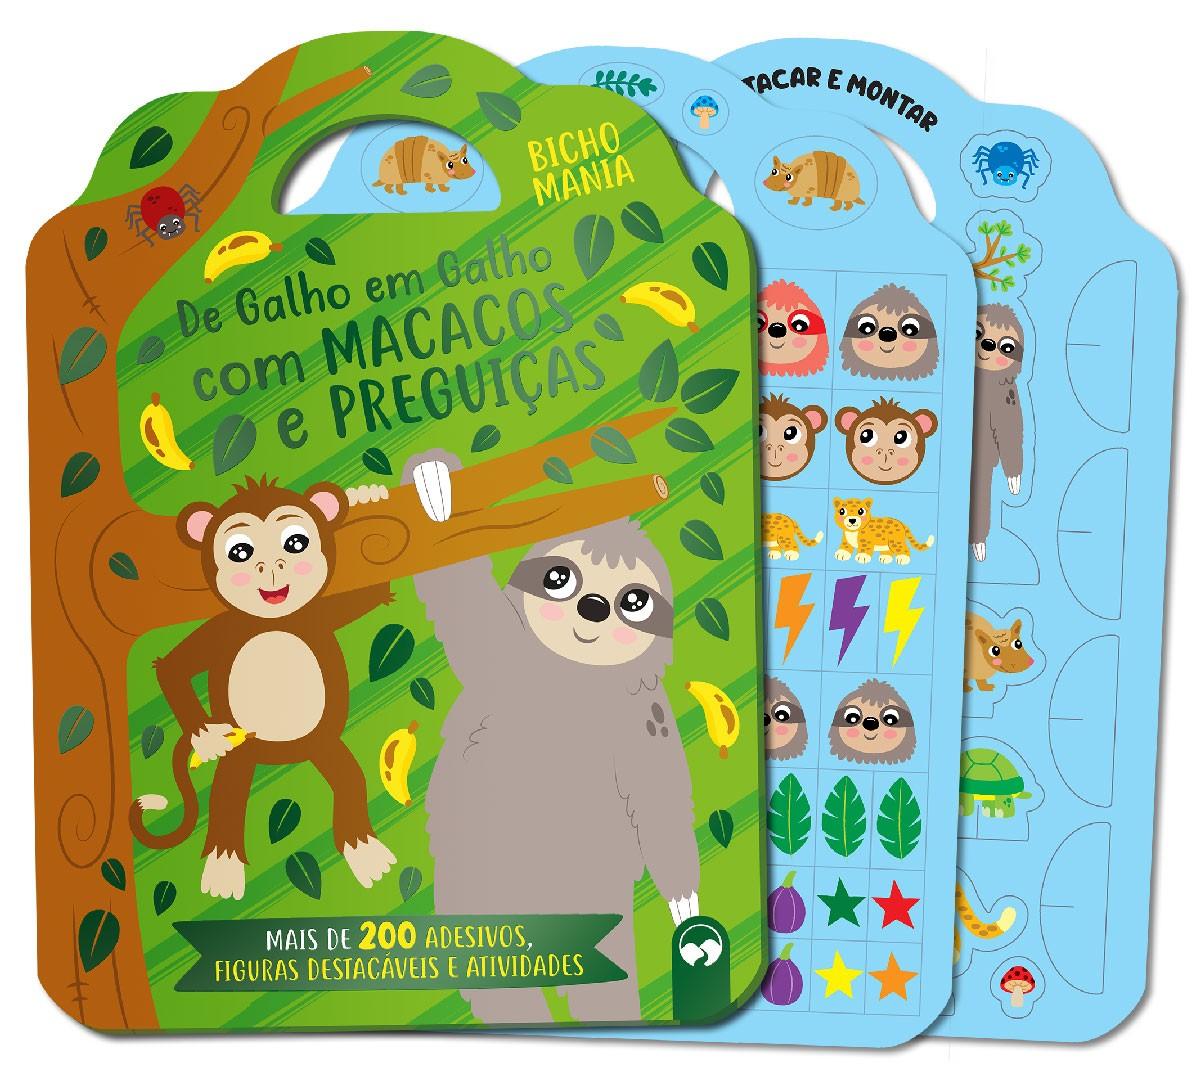 De Galho em Galho com Macacos e Preguiças - Bicho Mania